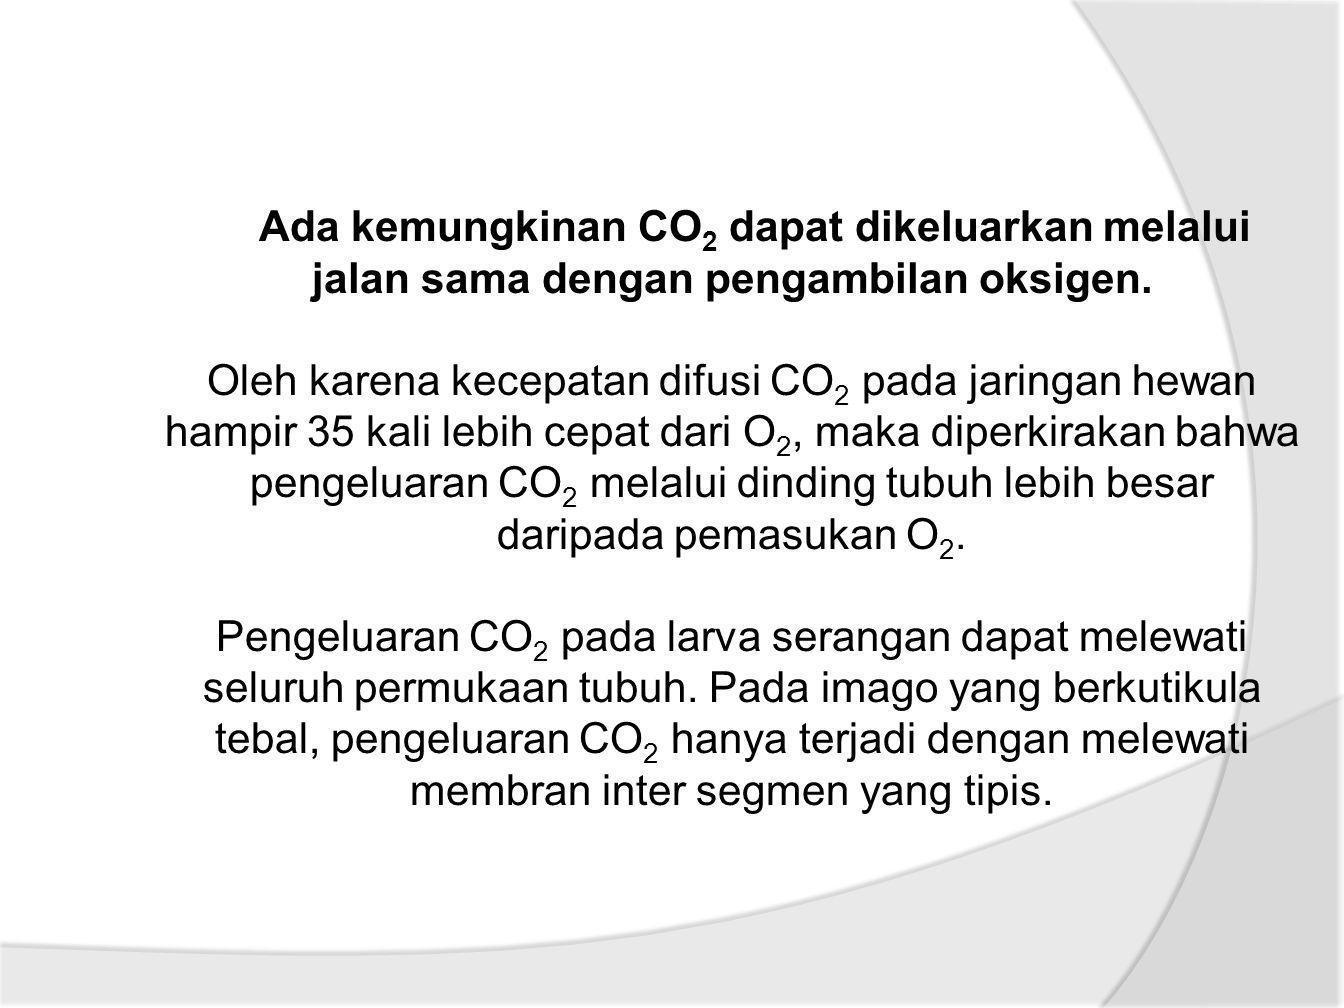 Ada kemungkinan CO2 dapat dikeluarkan melalui jalan sama dengan pengambilan oksigen.